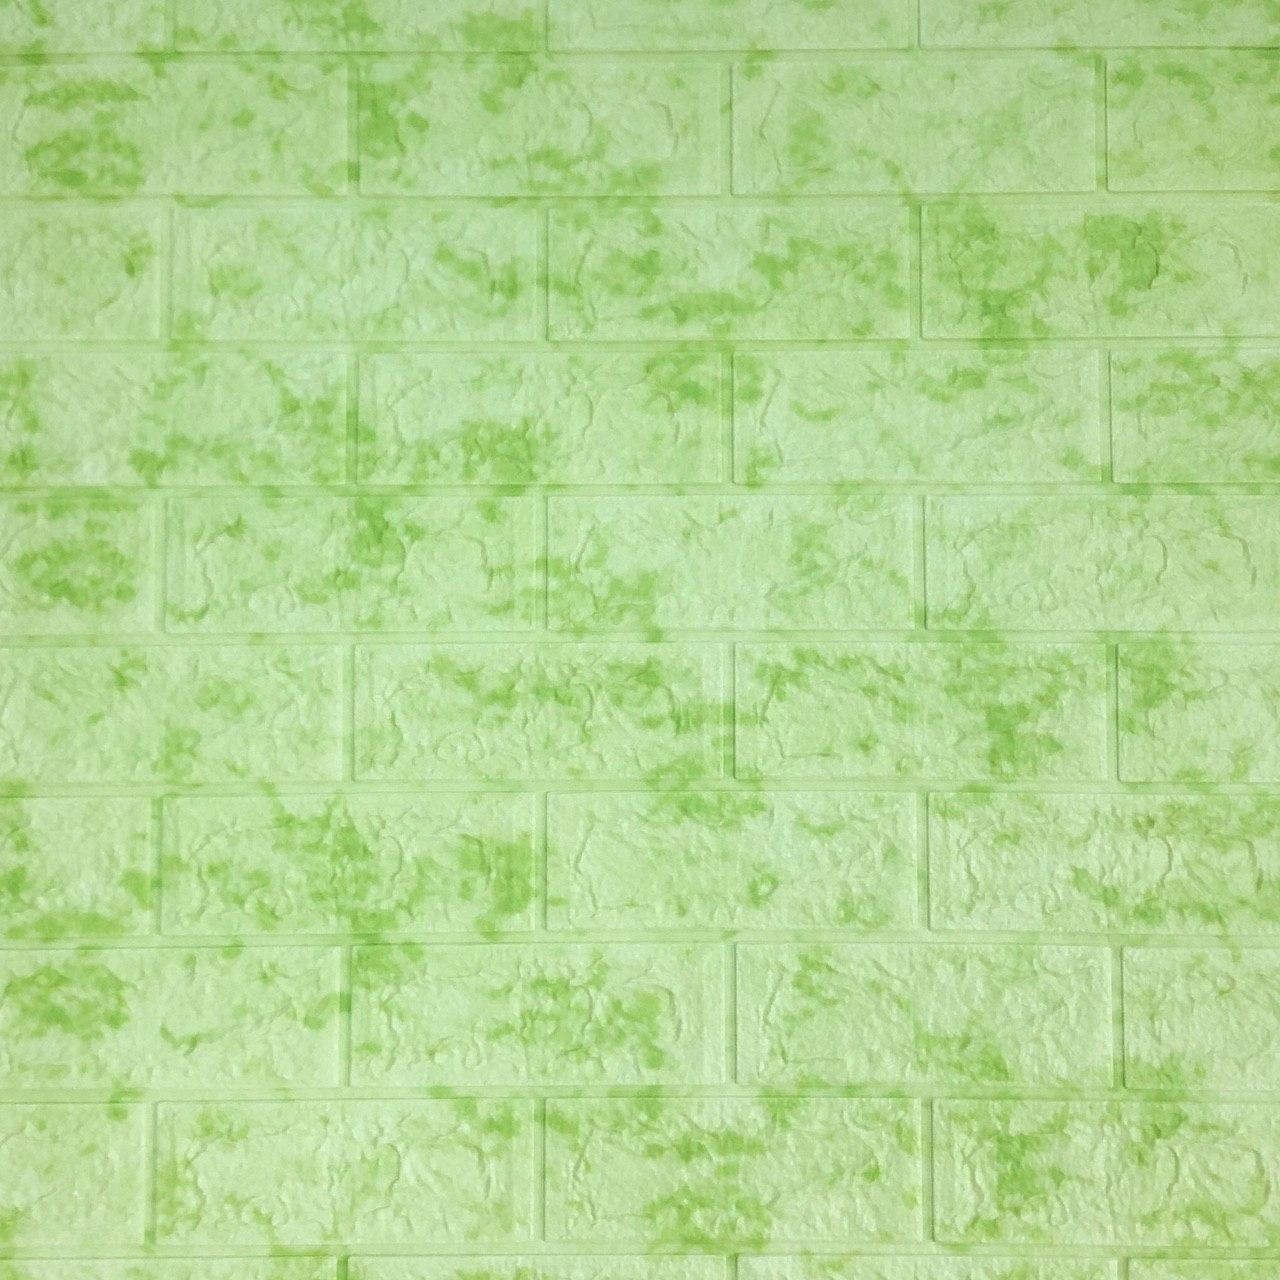 Самоклеющаяся декоративная 3D панель зеленый мрамор 700x770x5мм (самоклейка, Мягкие Панели)